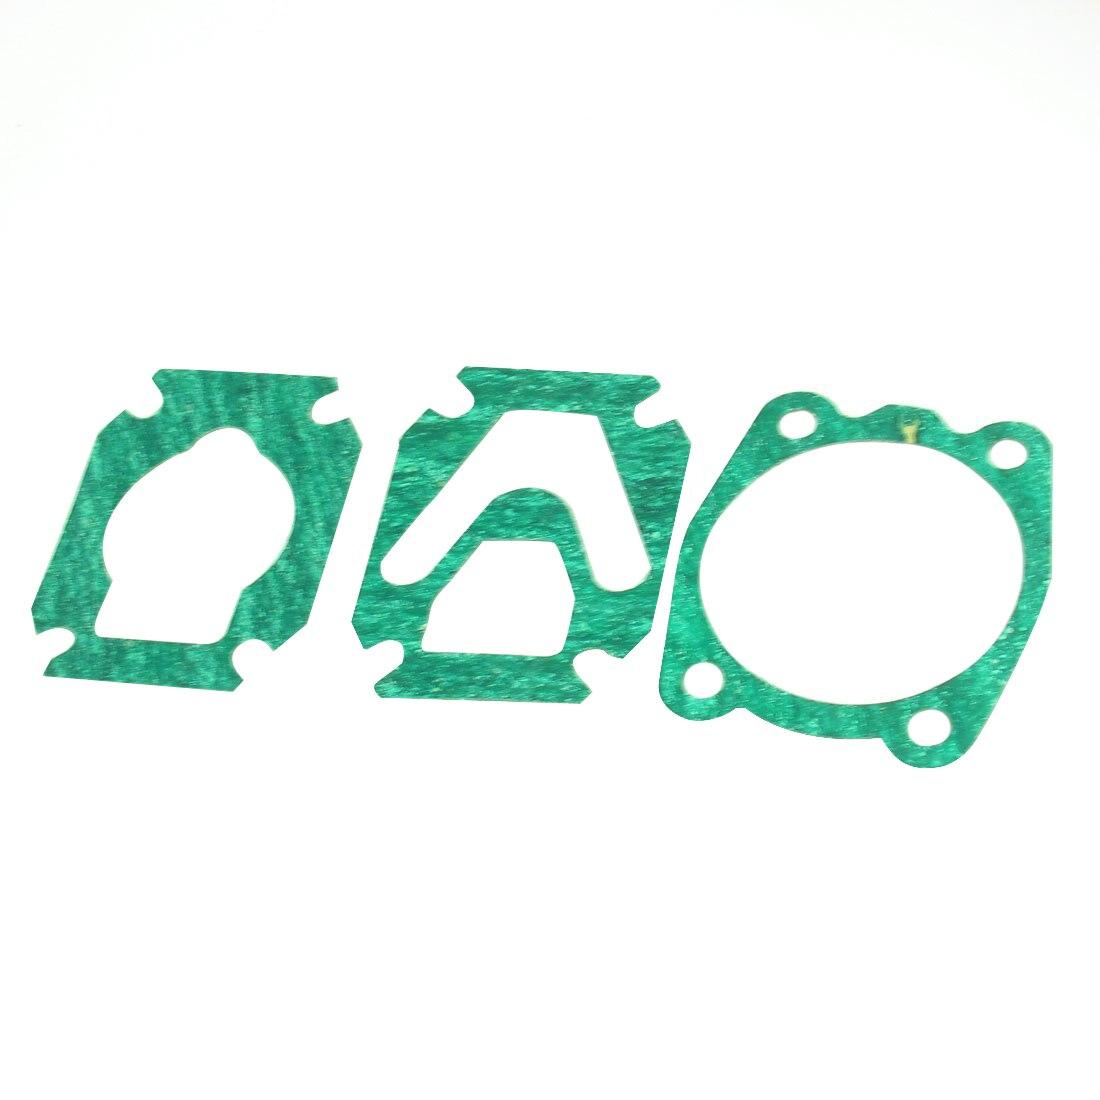 3 в 1 воздушный компрессор головка цилиндра основание клапана пластина уплотнительная прокладка